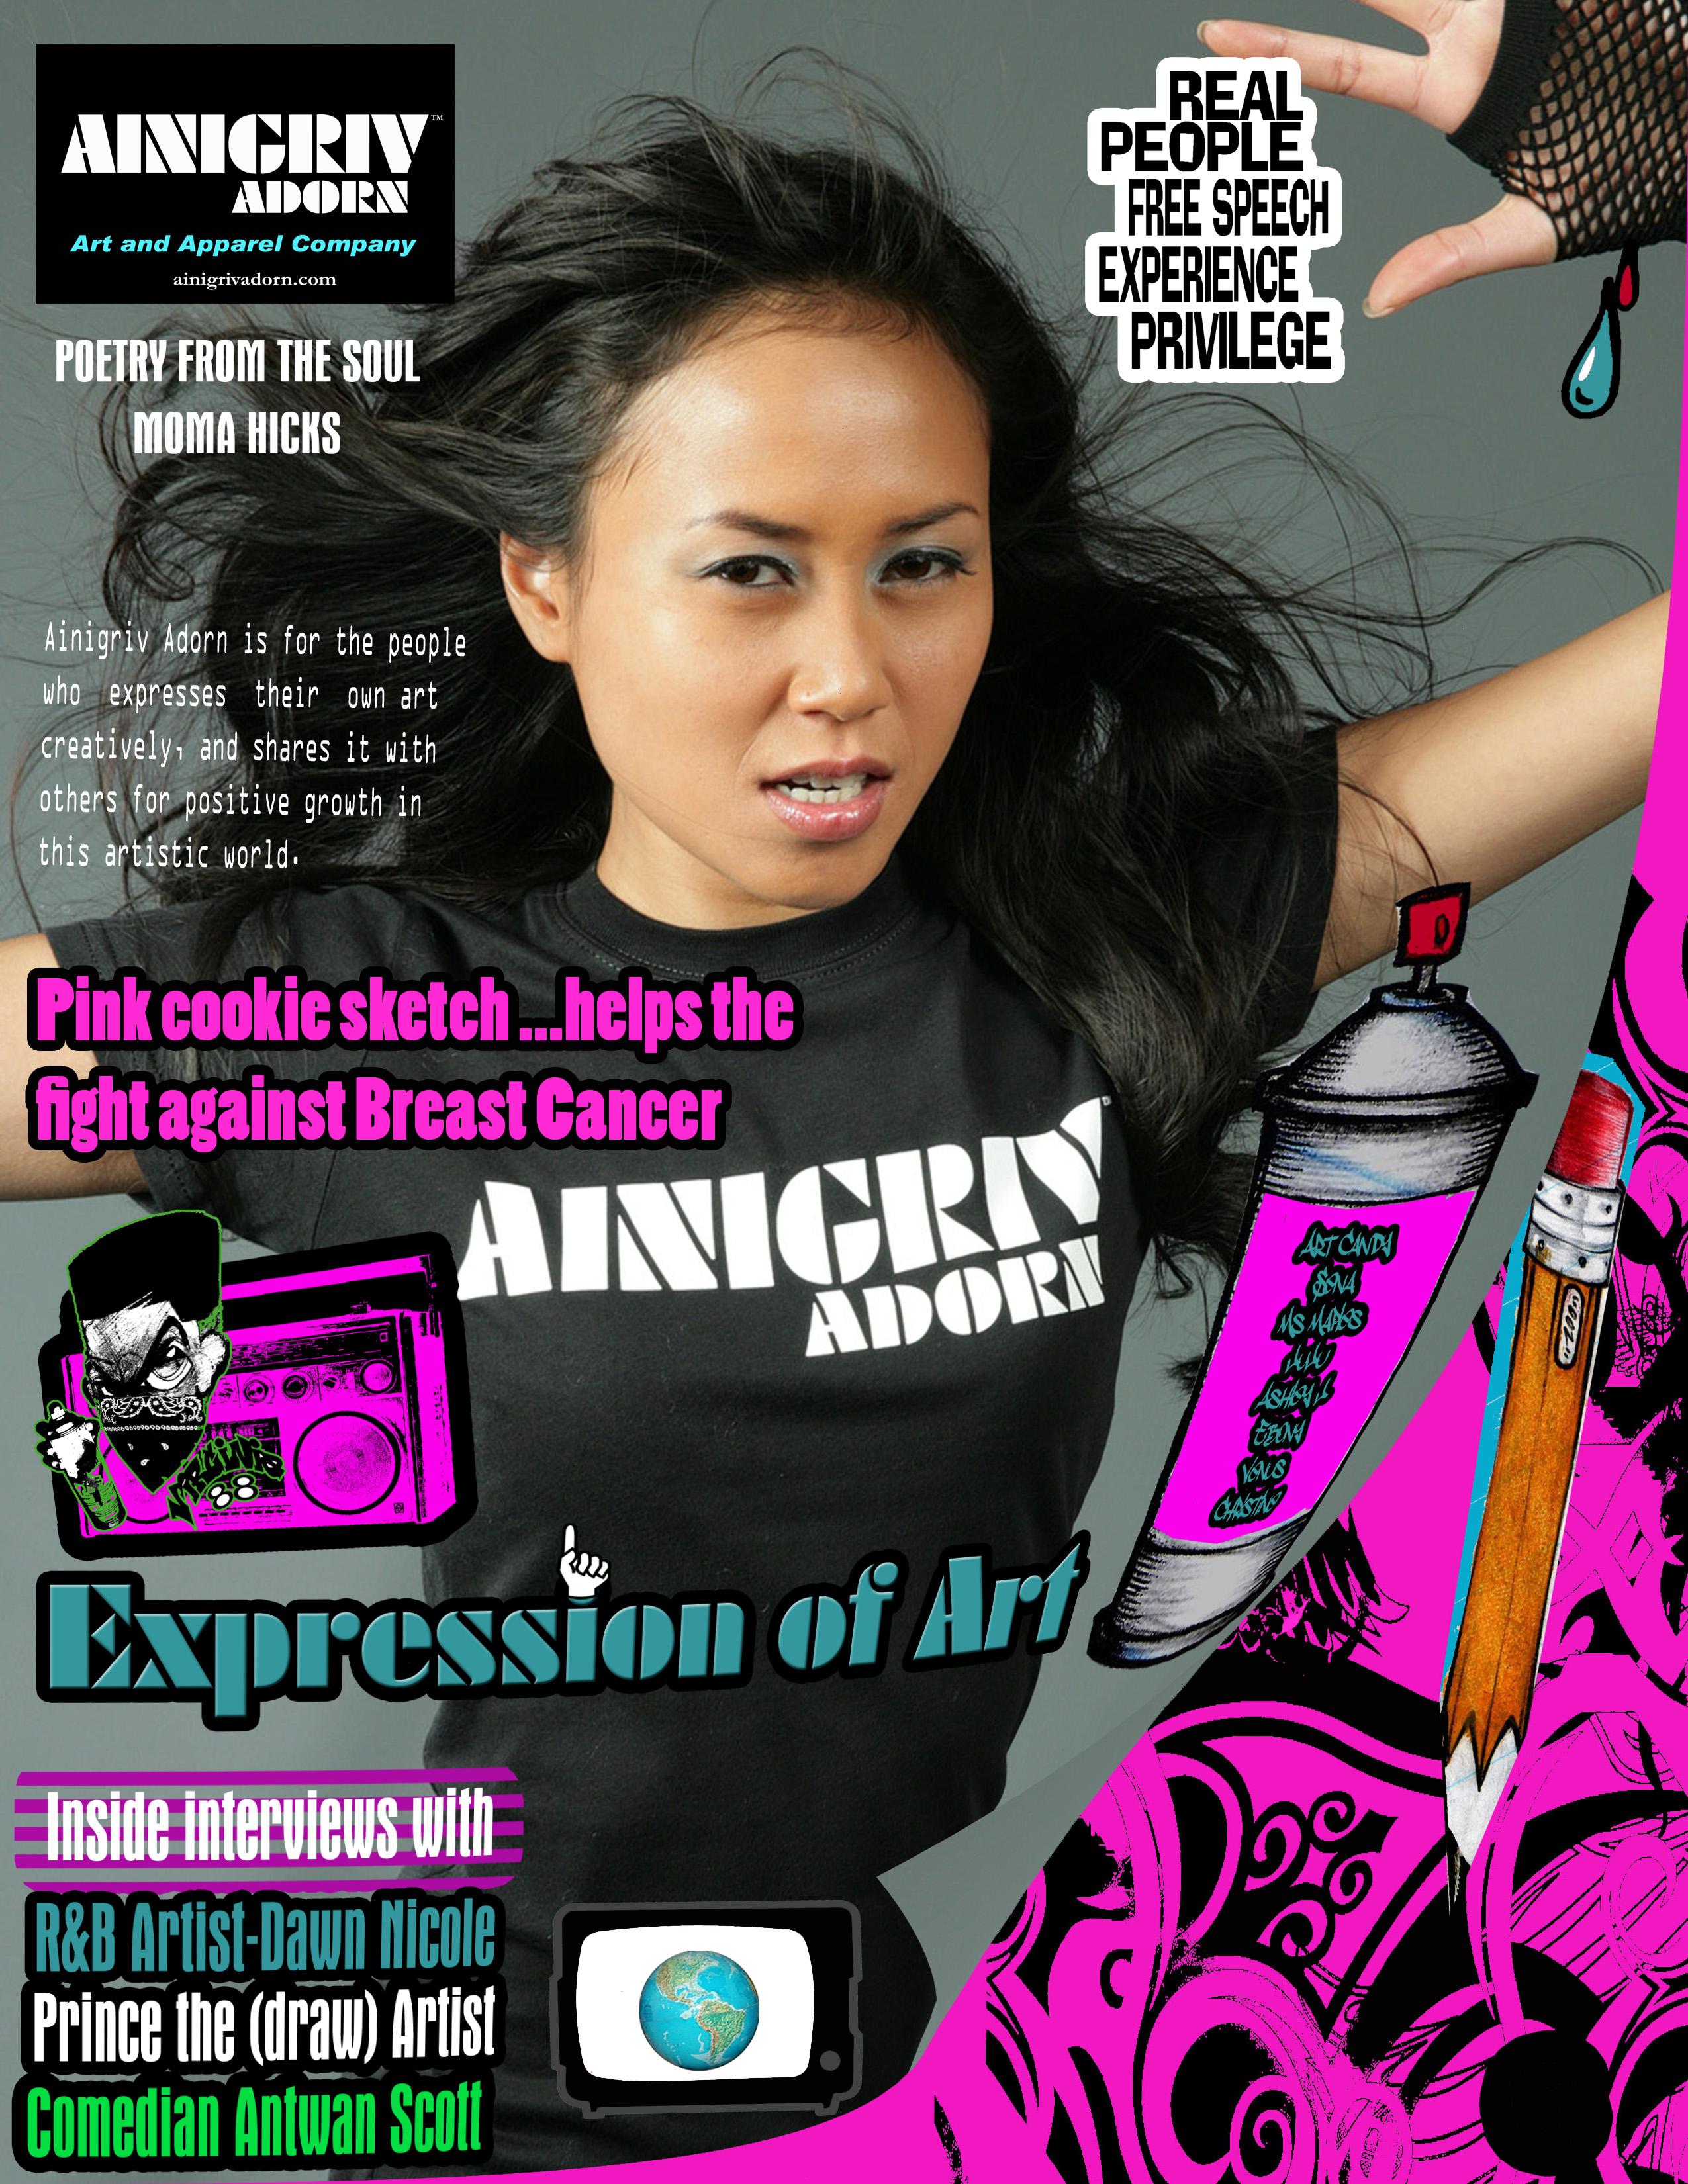 Ainigriv Adorn Look Book Magazine 2